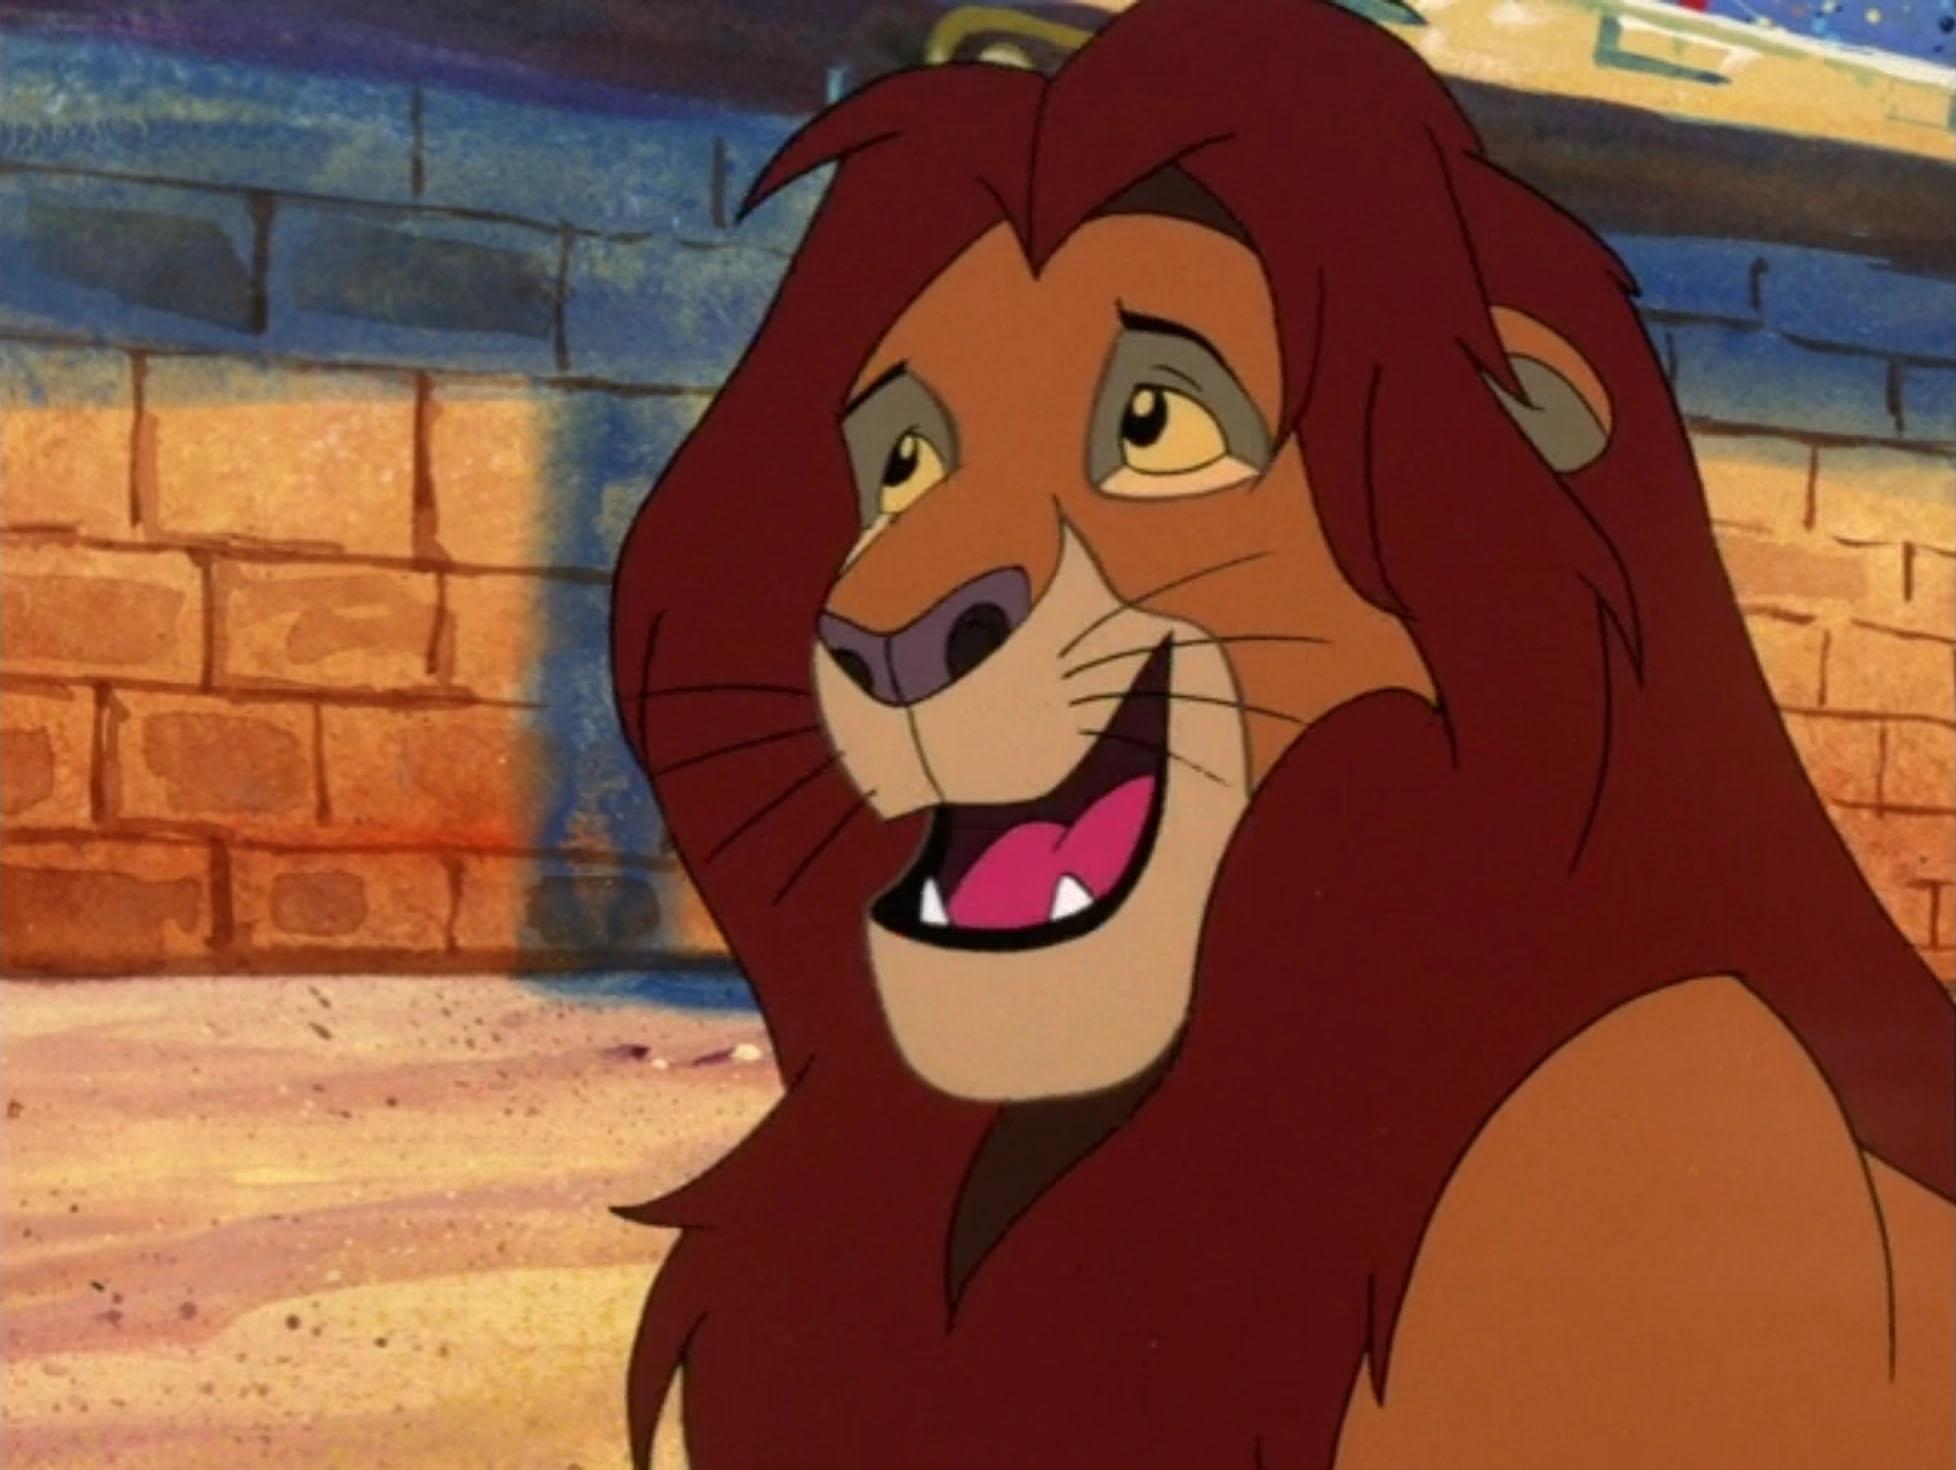 File:Timon-and-Pumbaa-Simba-in-Arena.jpg